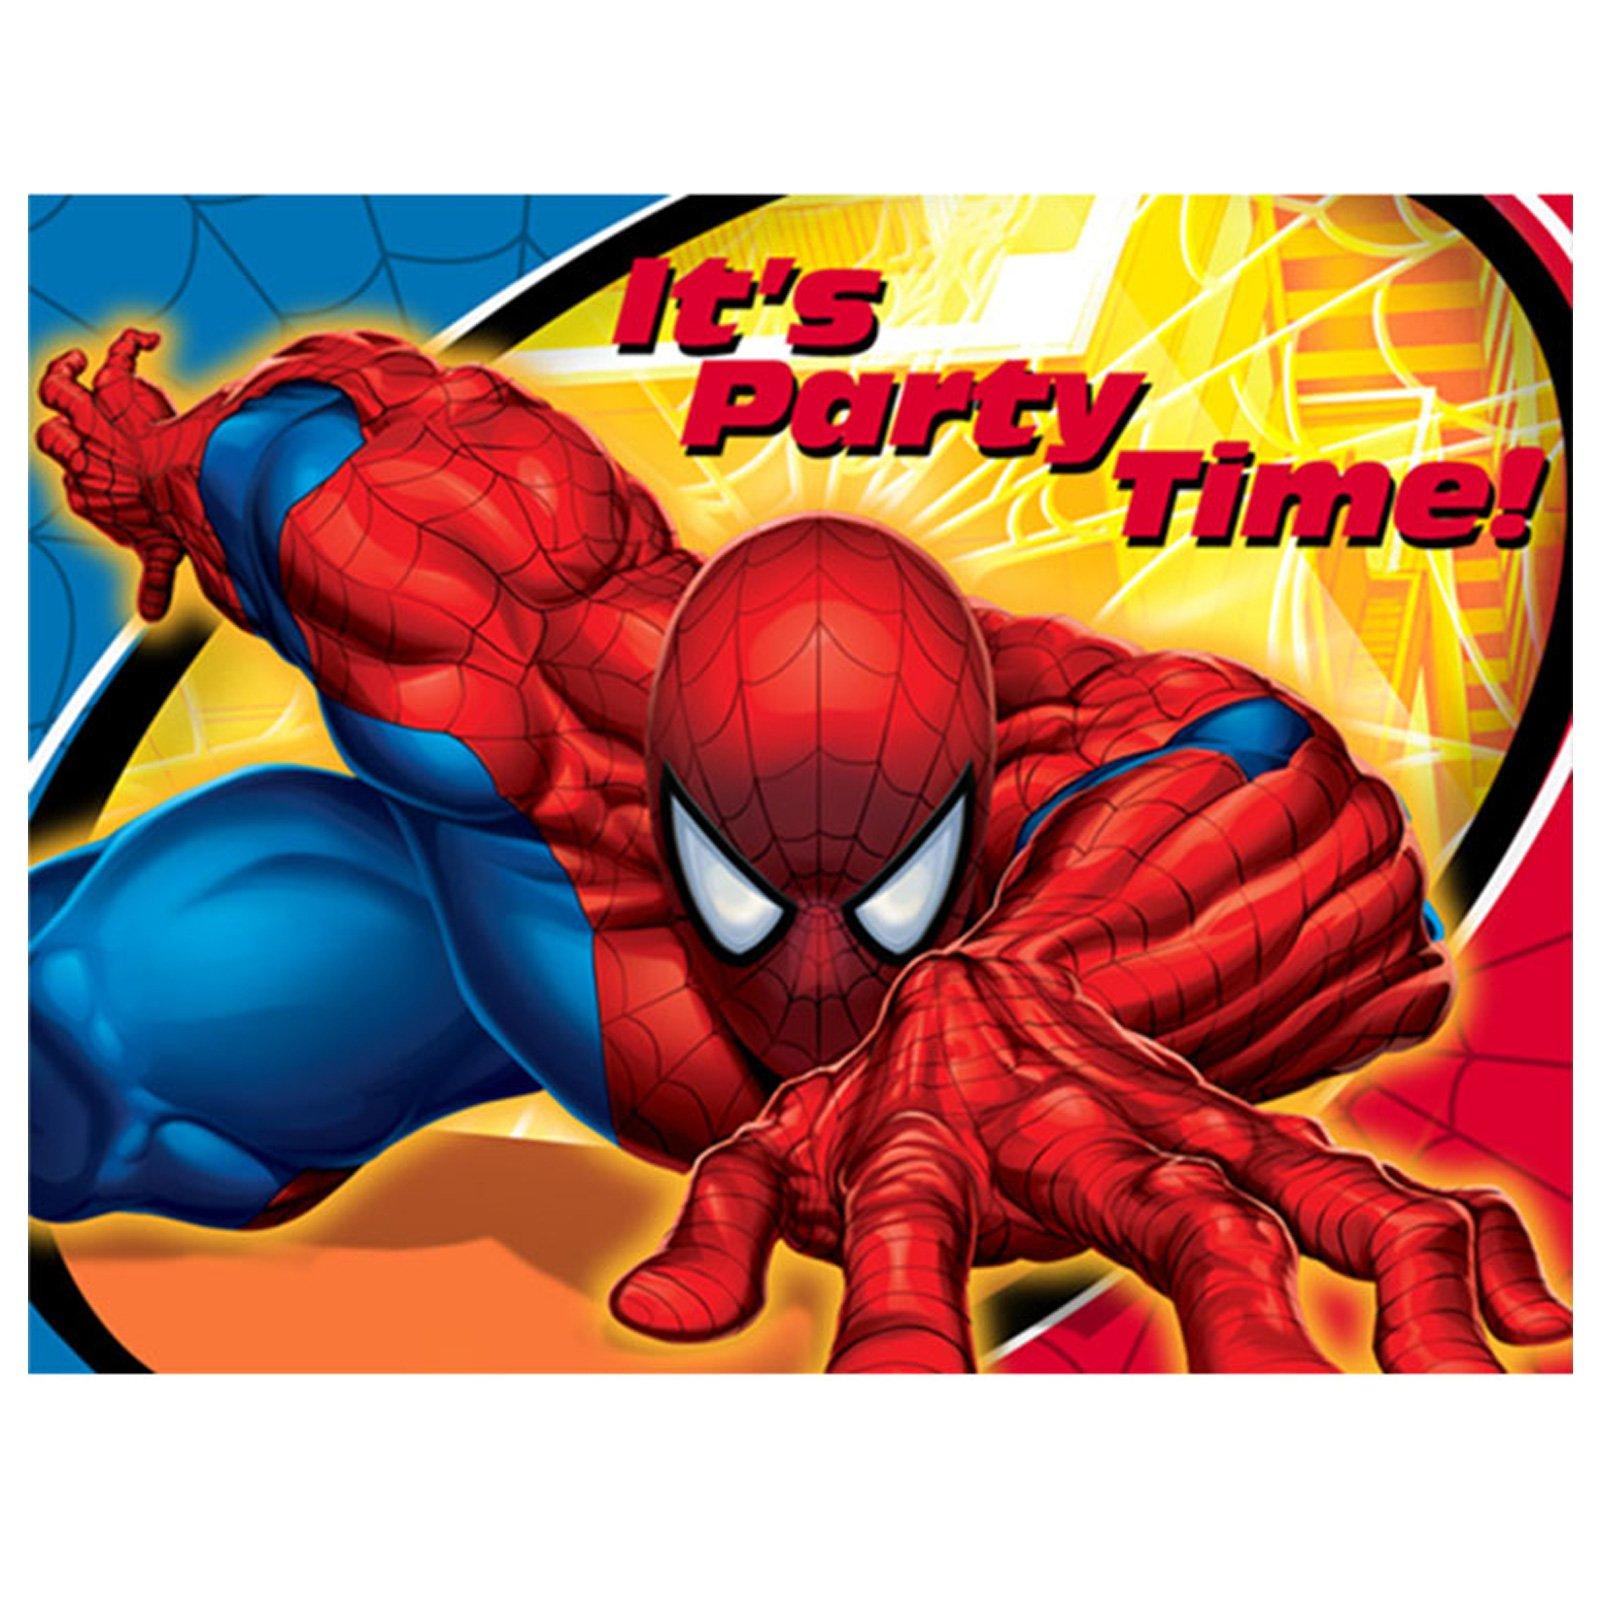 Spider card game online